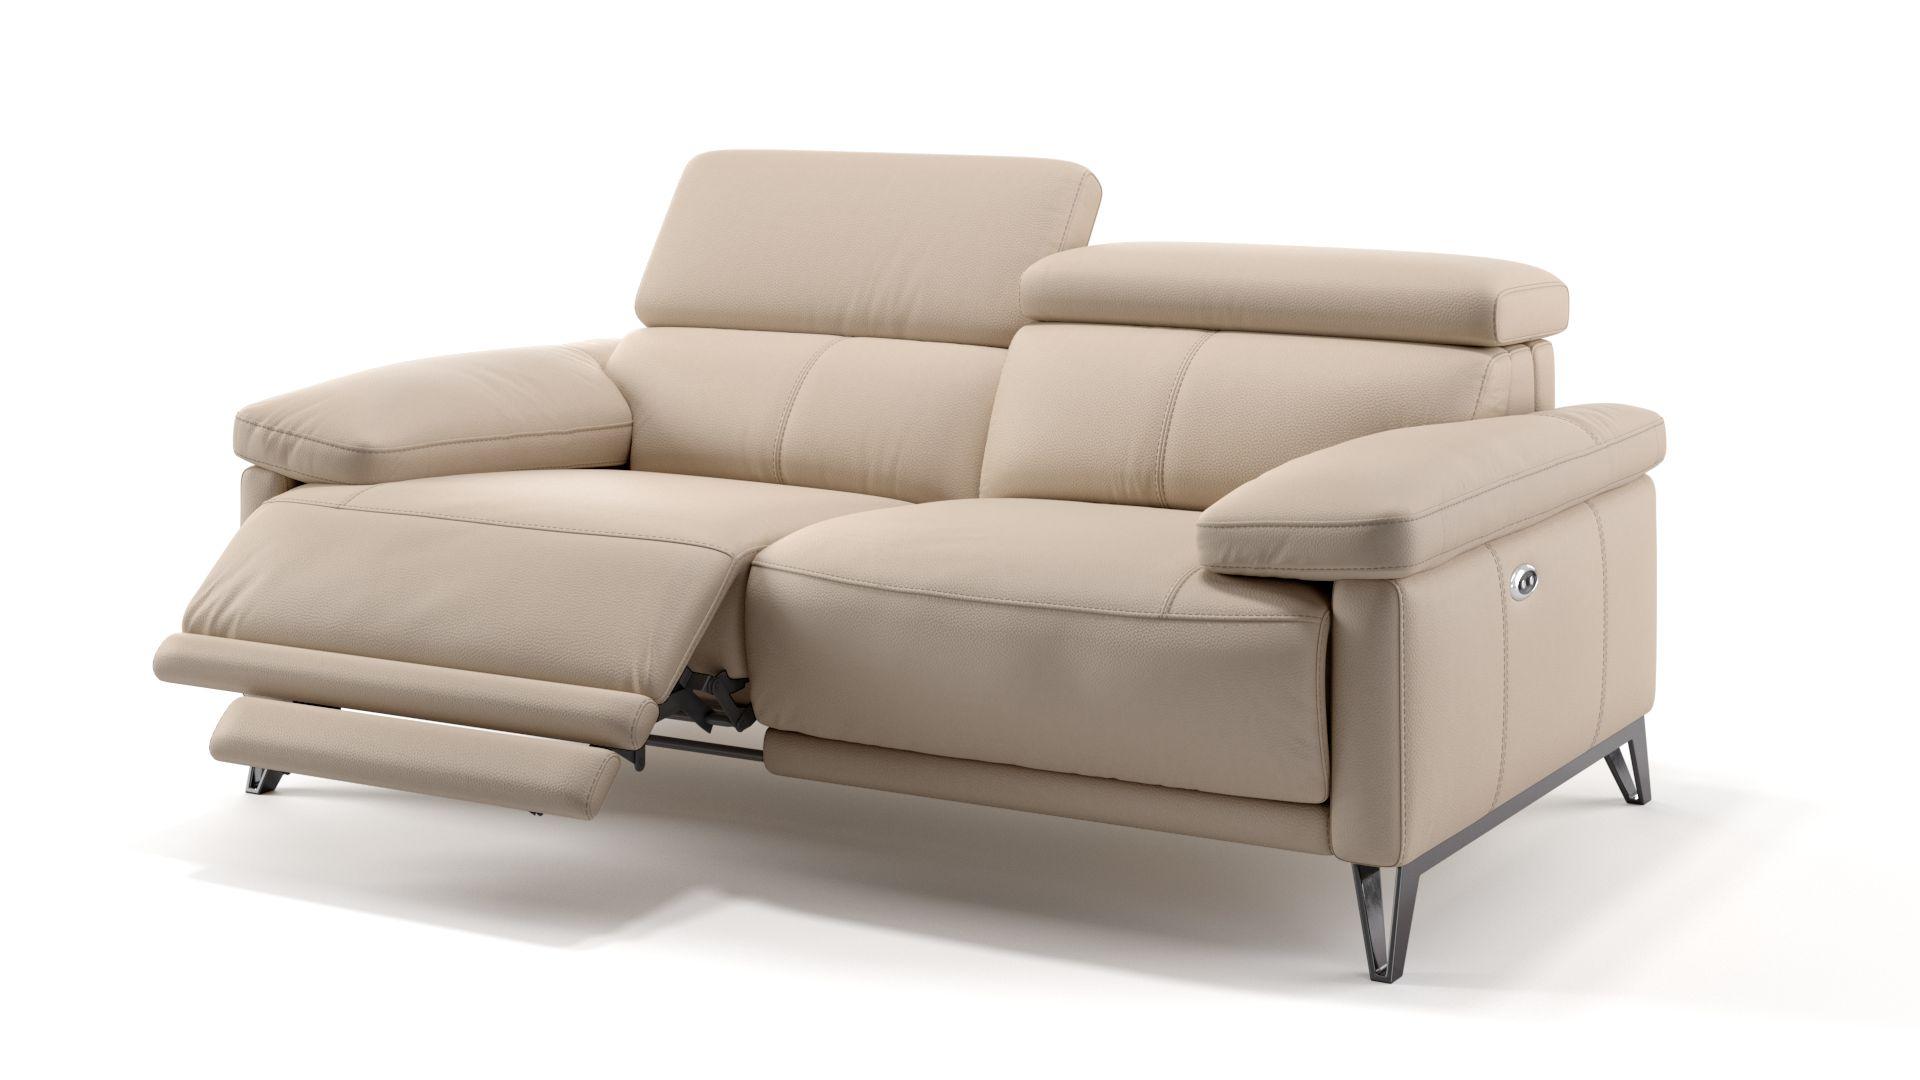 Full Size of Relaxsofa Elektrisch 2 Sitzer Celano Mit Leder Bezug Sofanella Sofa Relaxfunktion Elektrischer Sitztiefenverstellung Elektrische Fußbodenheizung Bad Wohnzimmer Relaxsofa Elektrisch